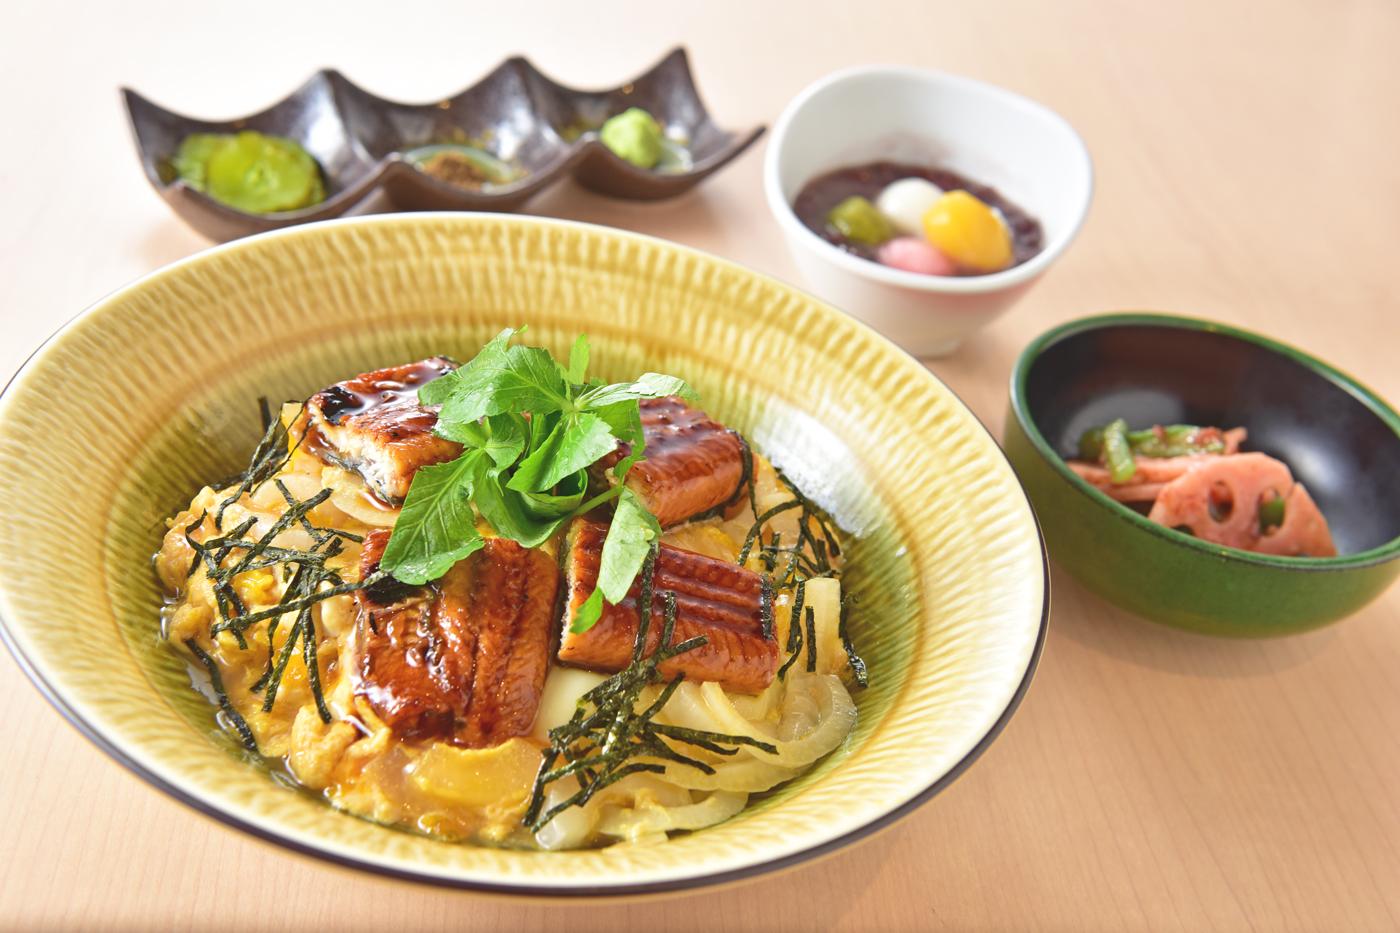 【1日限定5食】うなたま丼<br />小鉢・お味噌汁・甘味・ドリンク付